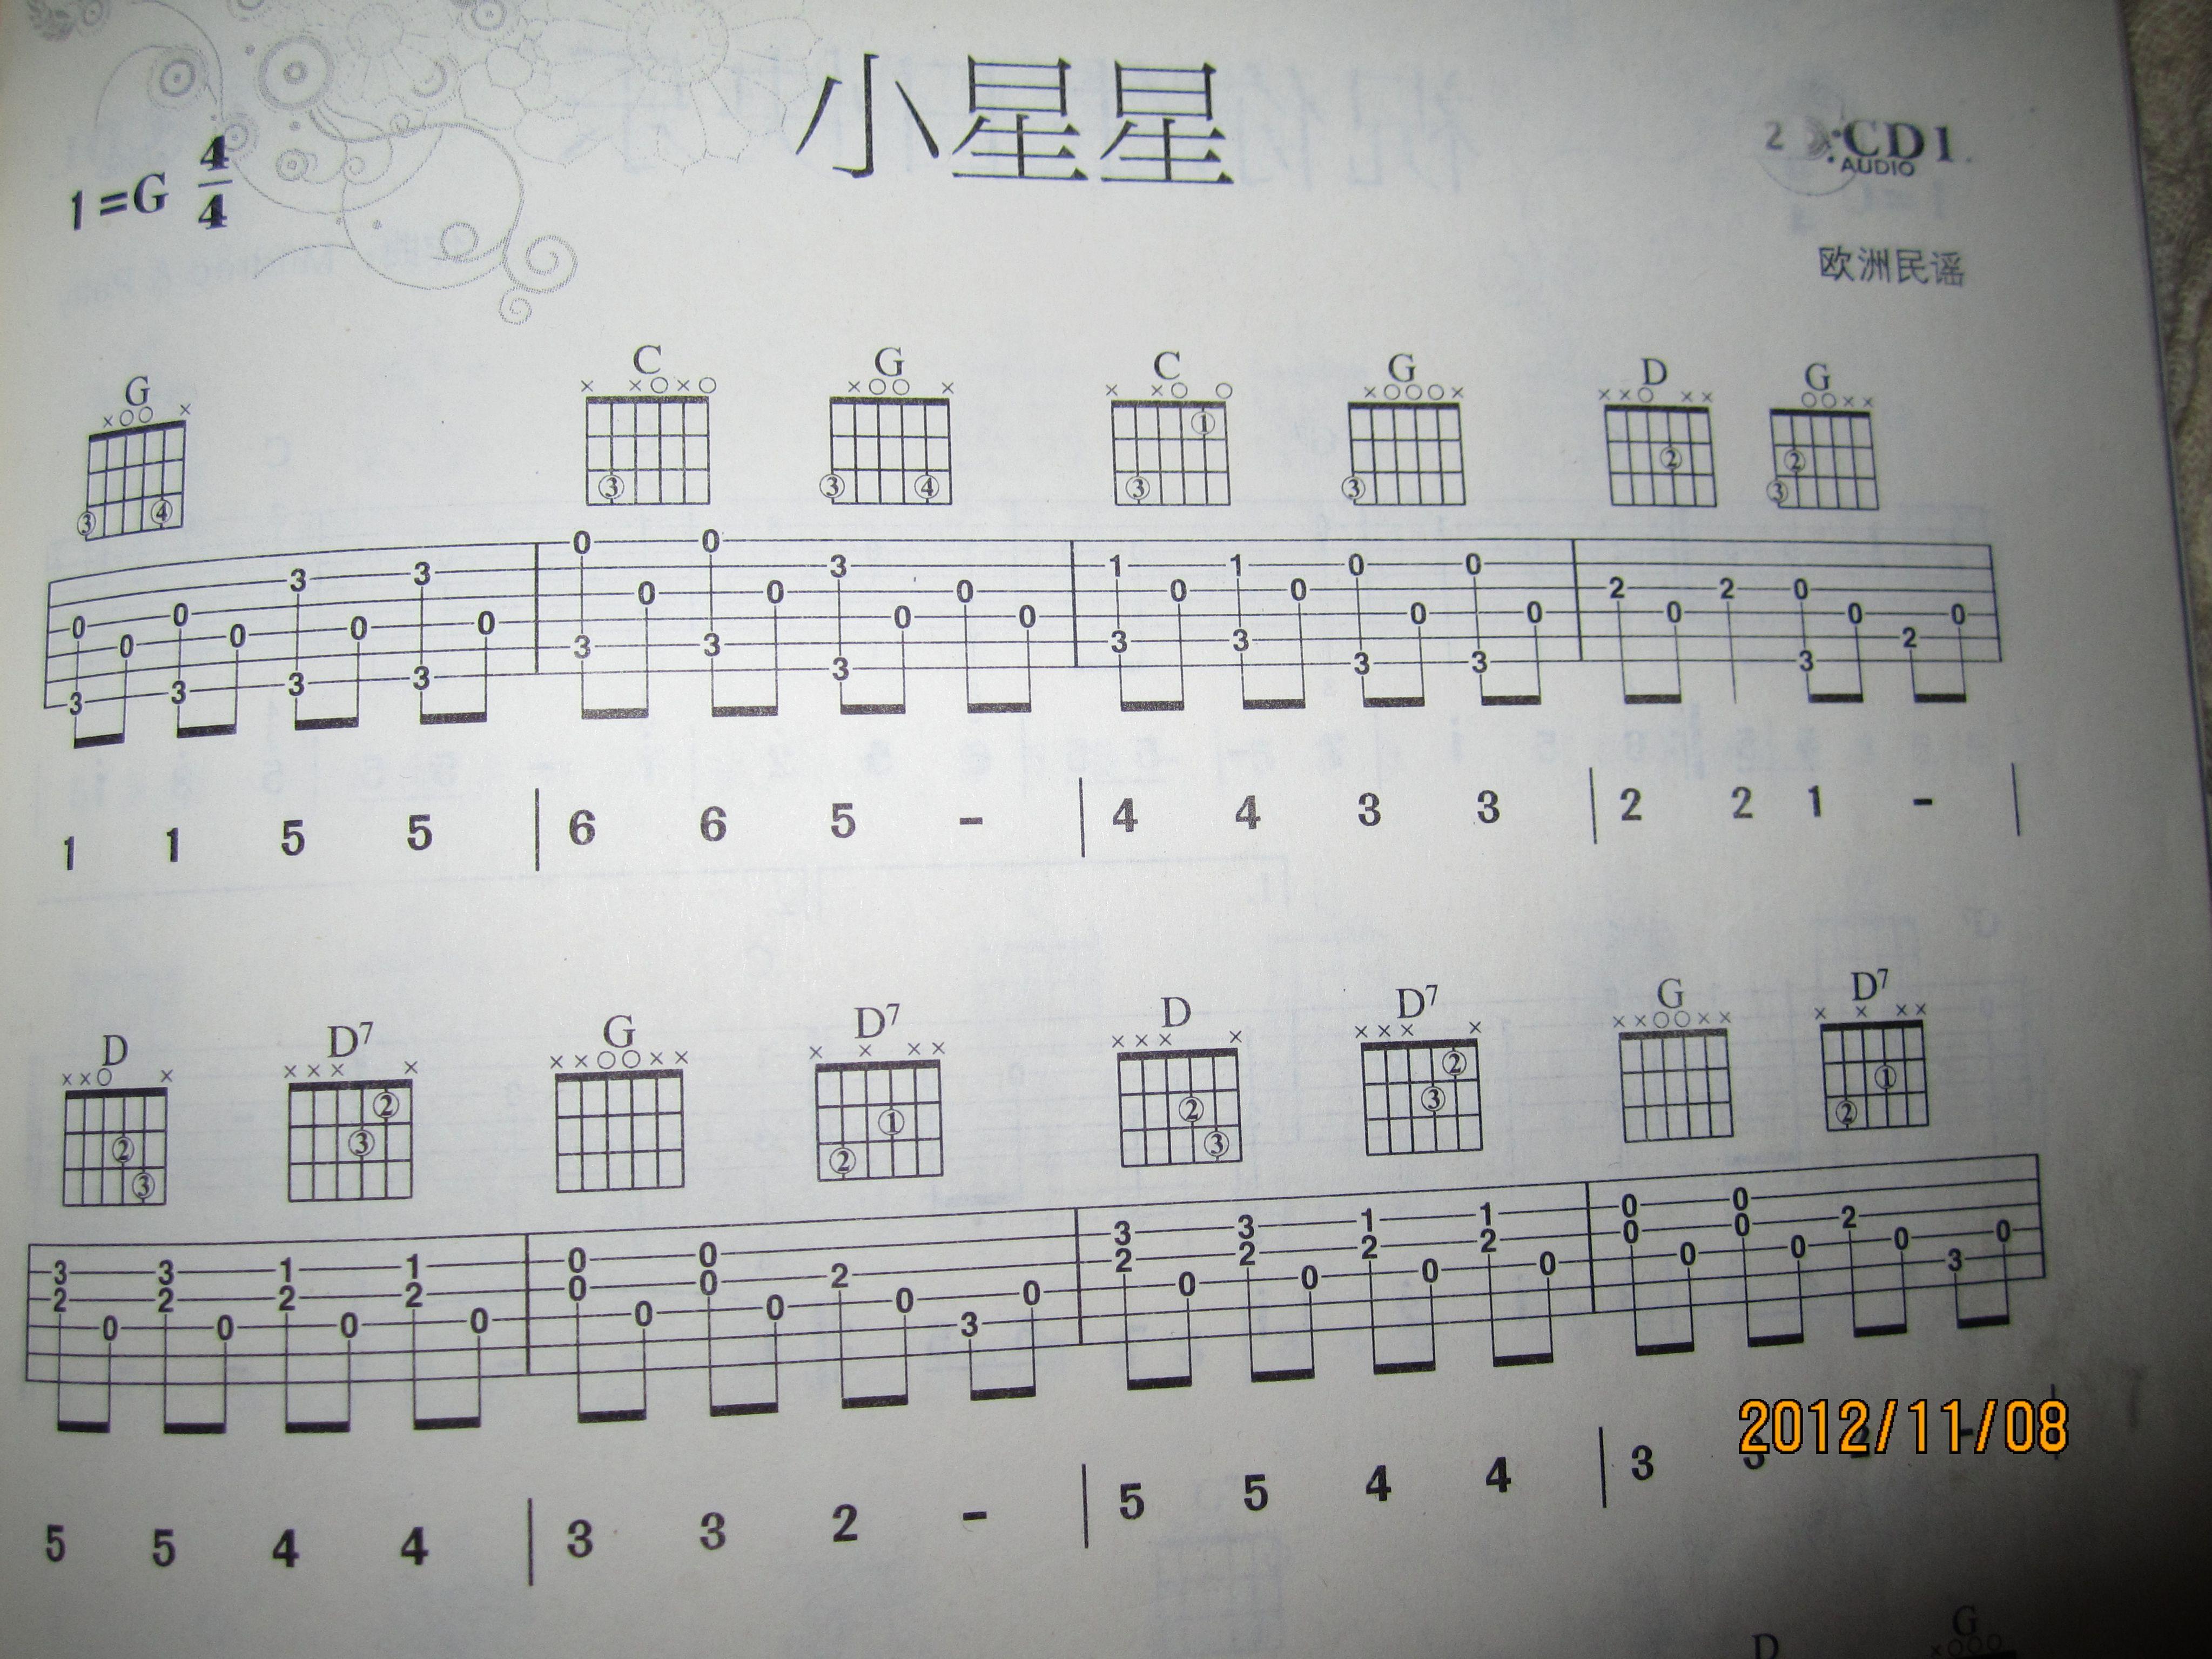 吉他小星星有伴奏的怎么弹?图片